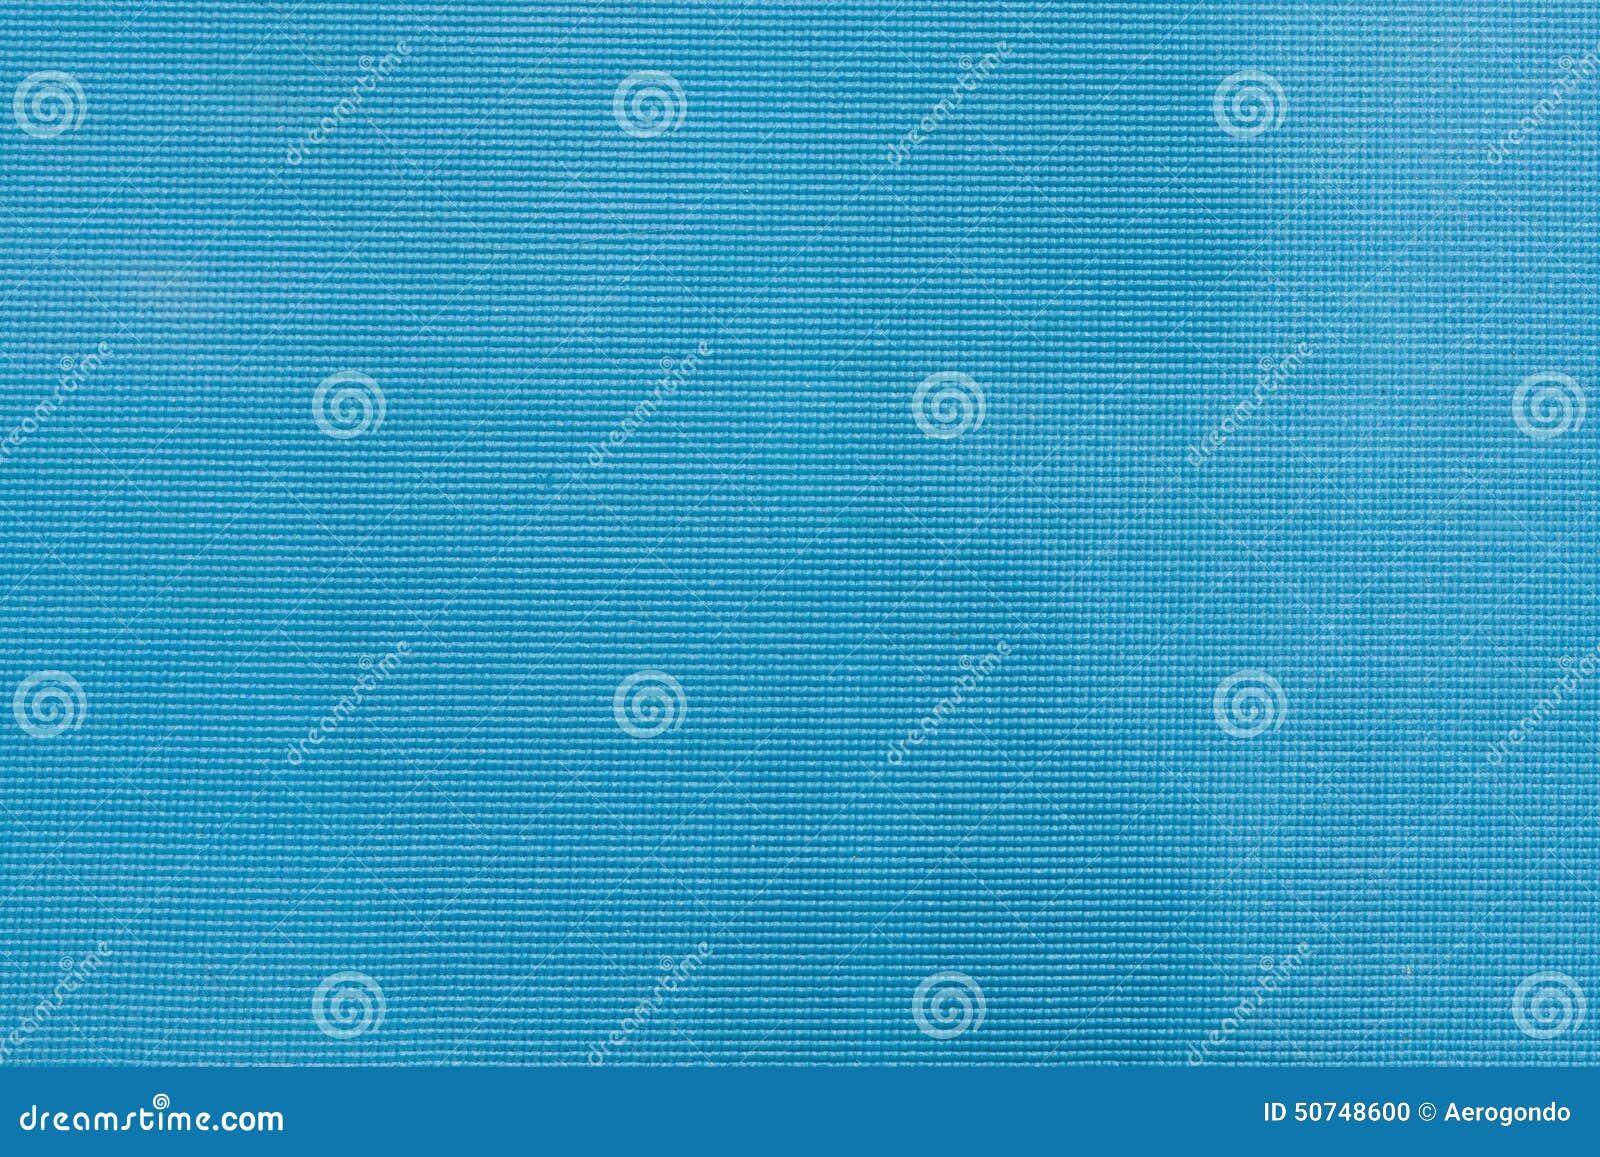 Yoga Mat Texture Stock Photo 50748600